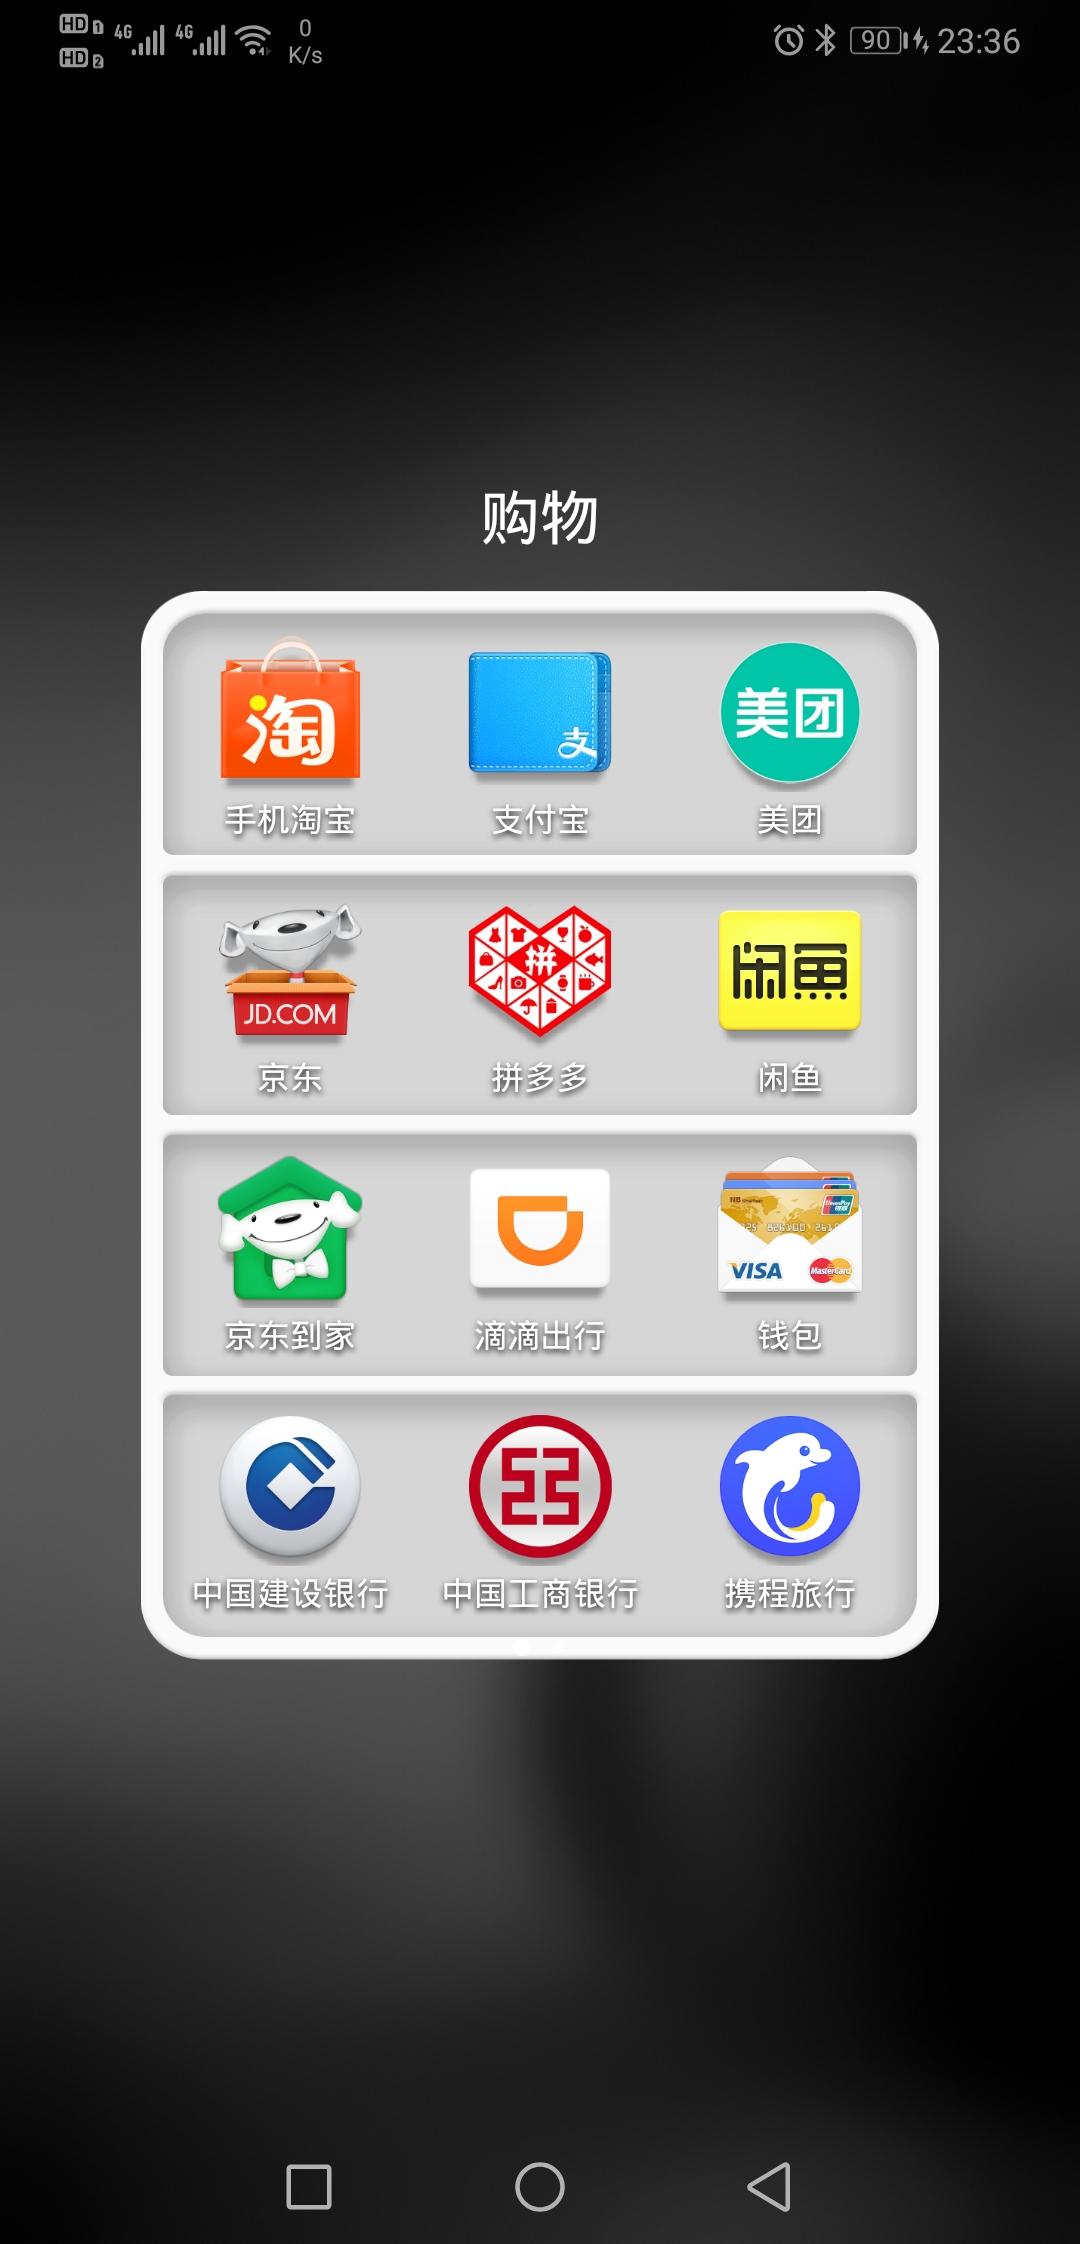 Screenshot_20190911_233614_com.huawei.android.launcher.jpg